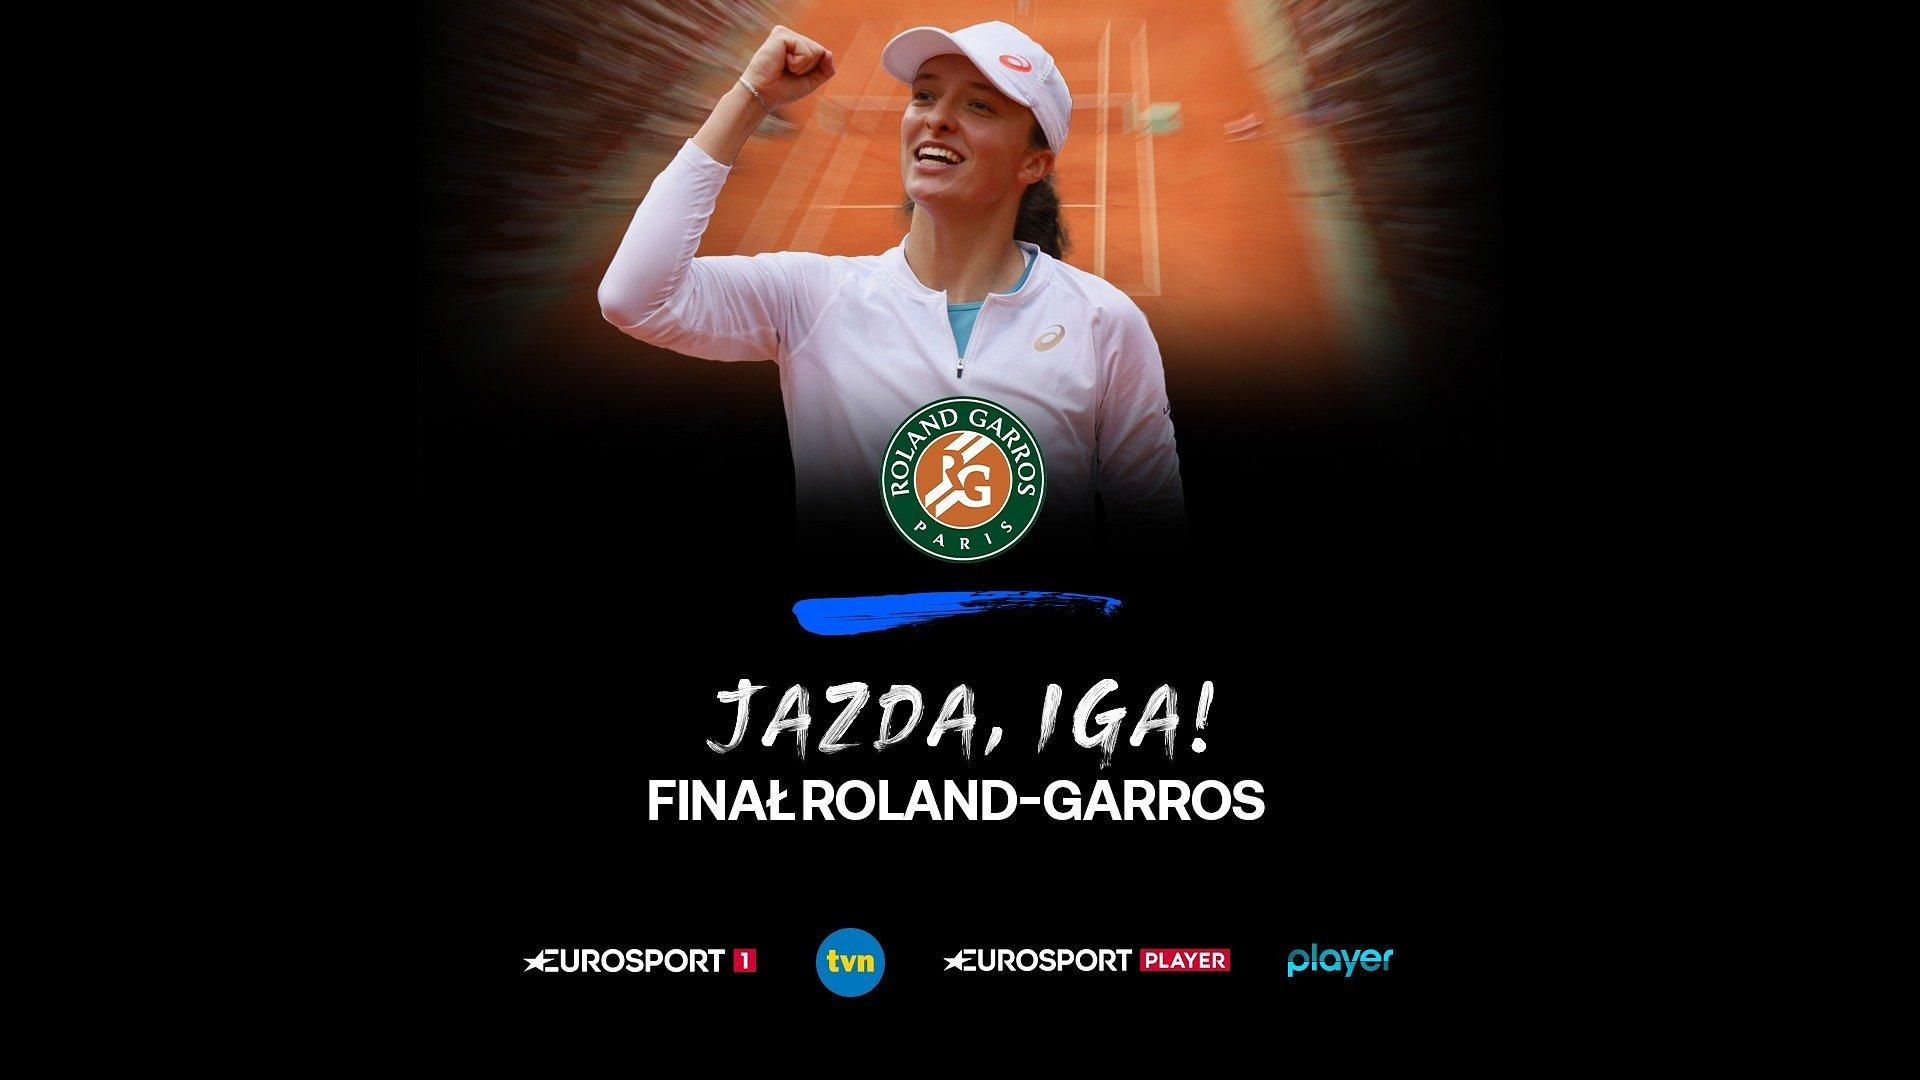 Finał Roland-Garros z udziałem Igi Świątek w sobotę na żywo w kanałach Eurosport 1 i TVN oraz serwisach Eurosport Player i player.pl